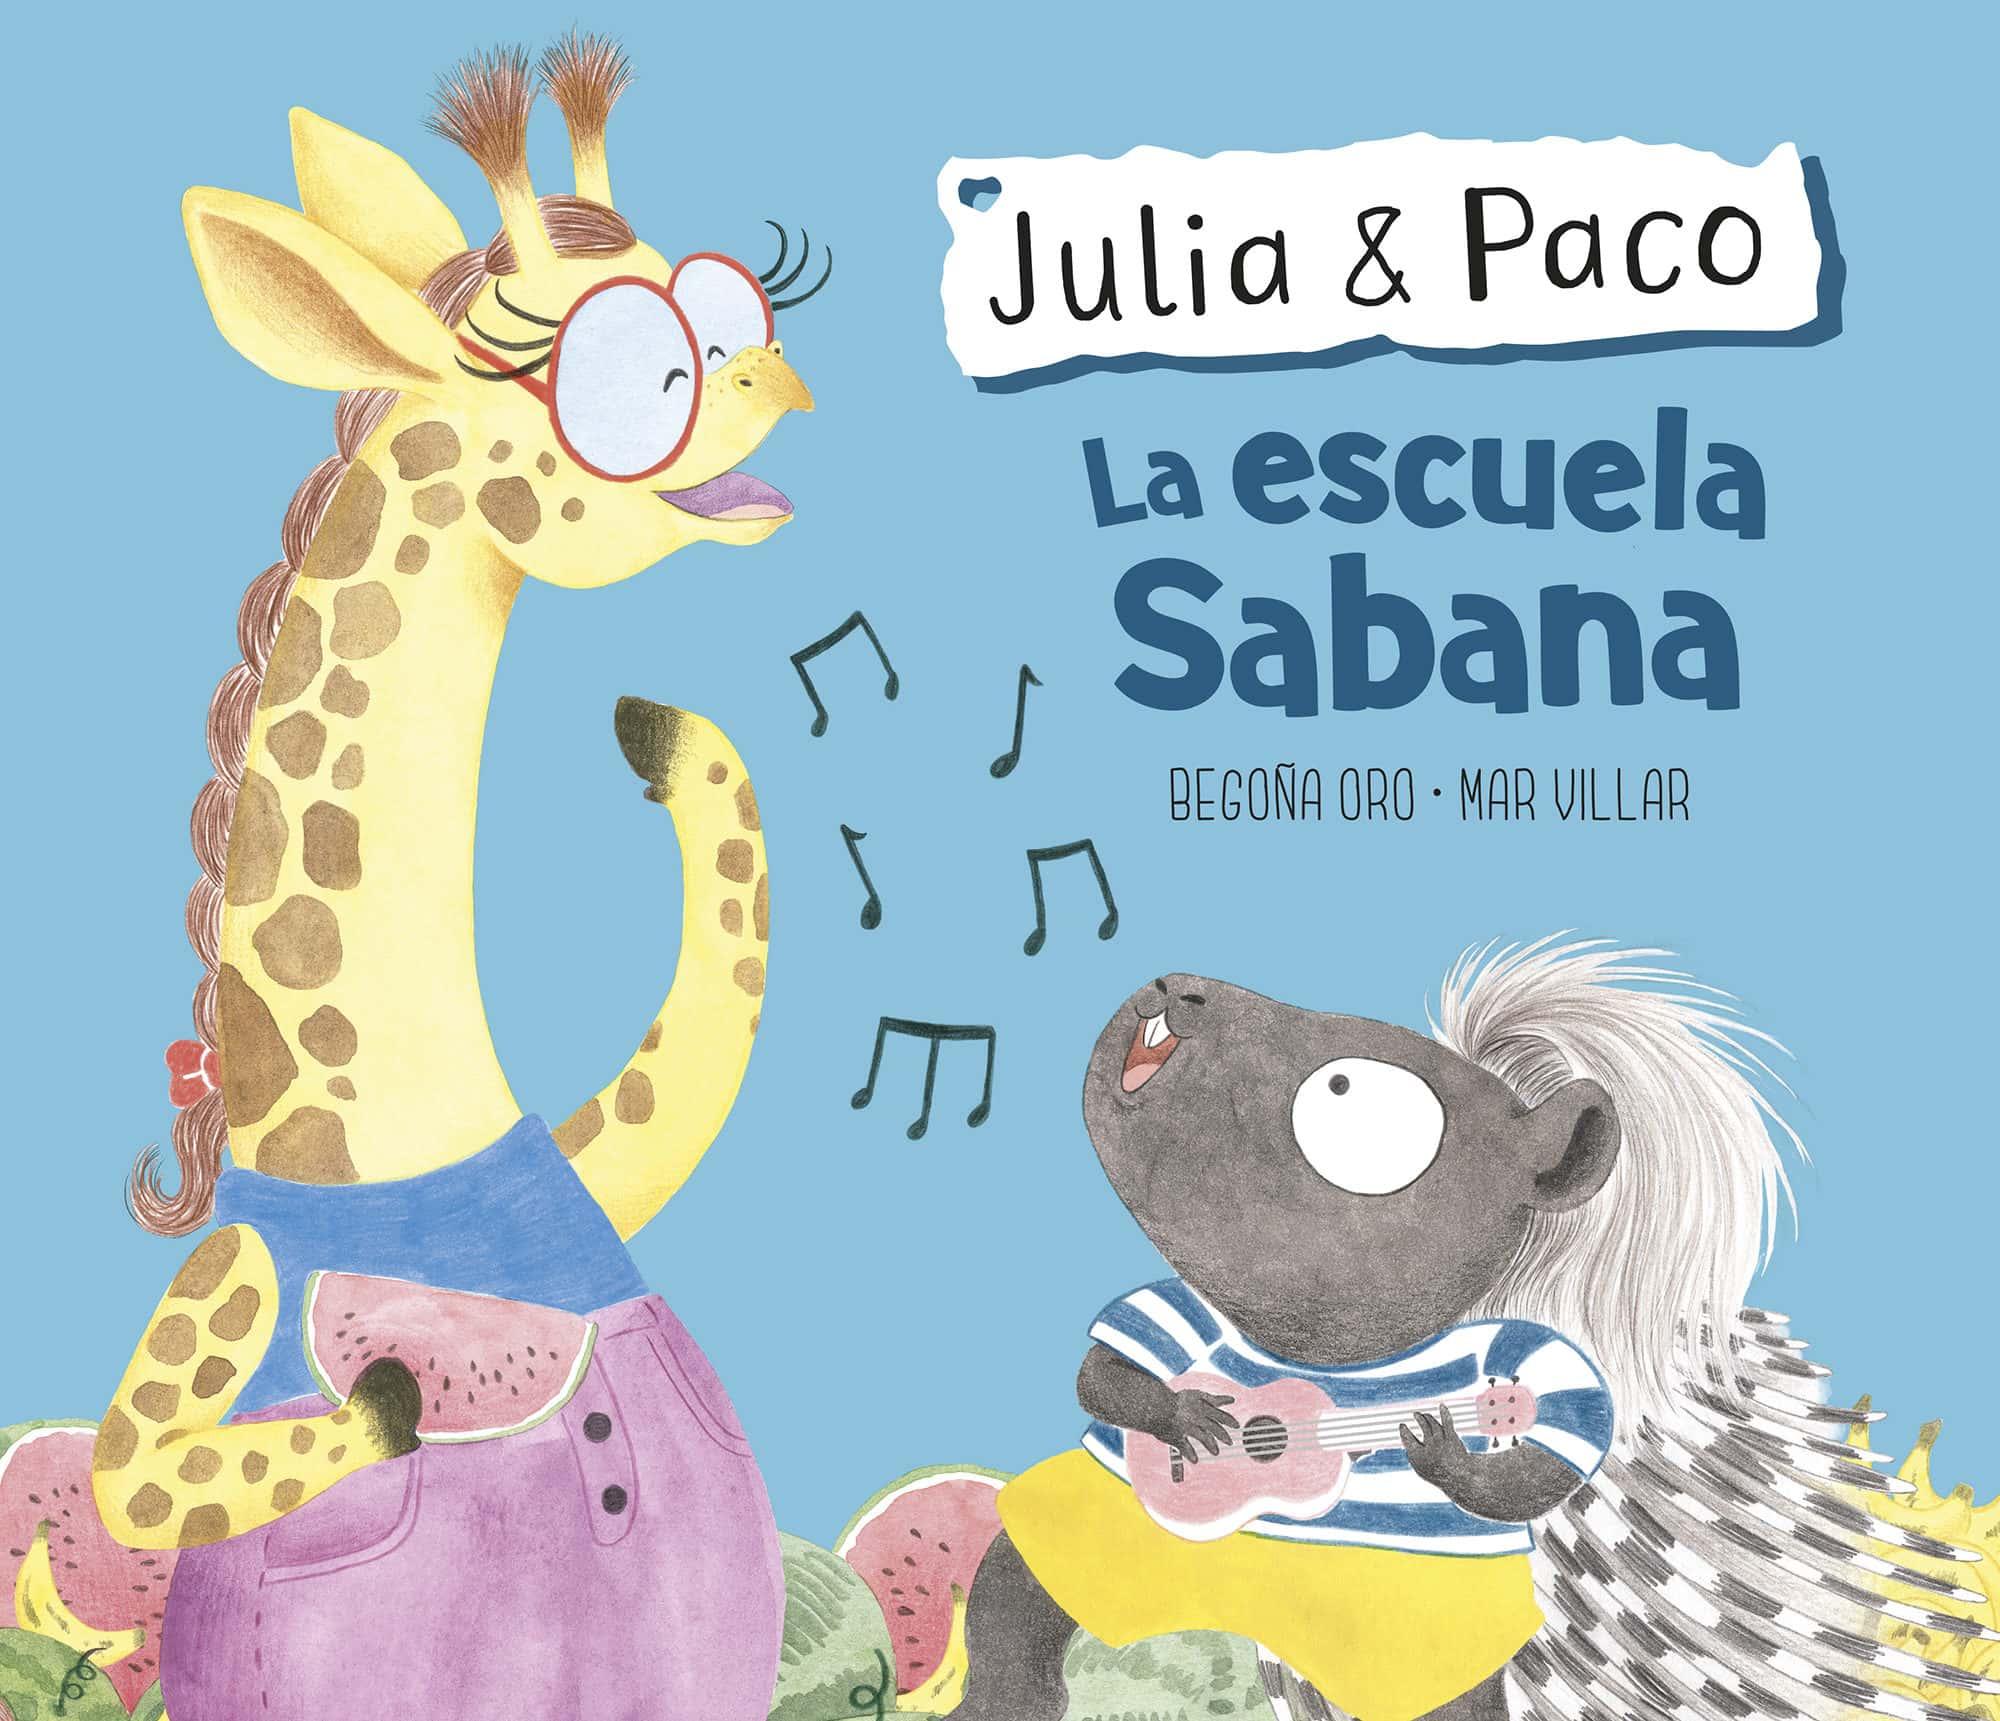 Julia & Paco, colección de libros infantiles, Beascoa, Begoña Oro, ilustración de animales, ilustración infantil, ilustración de animales africanos,